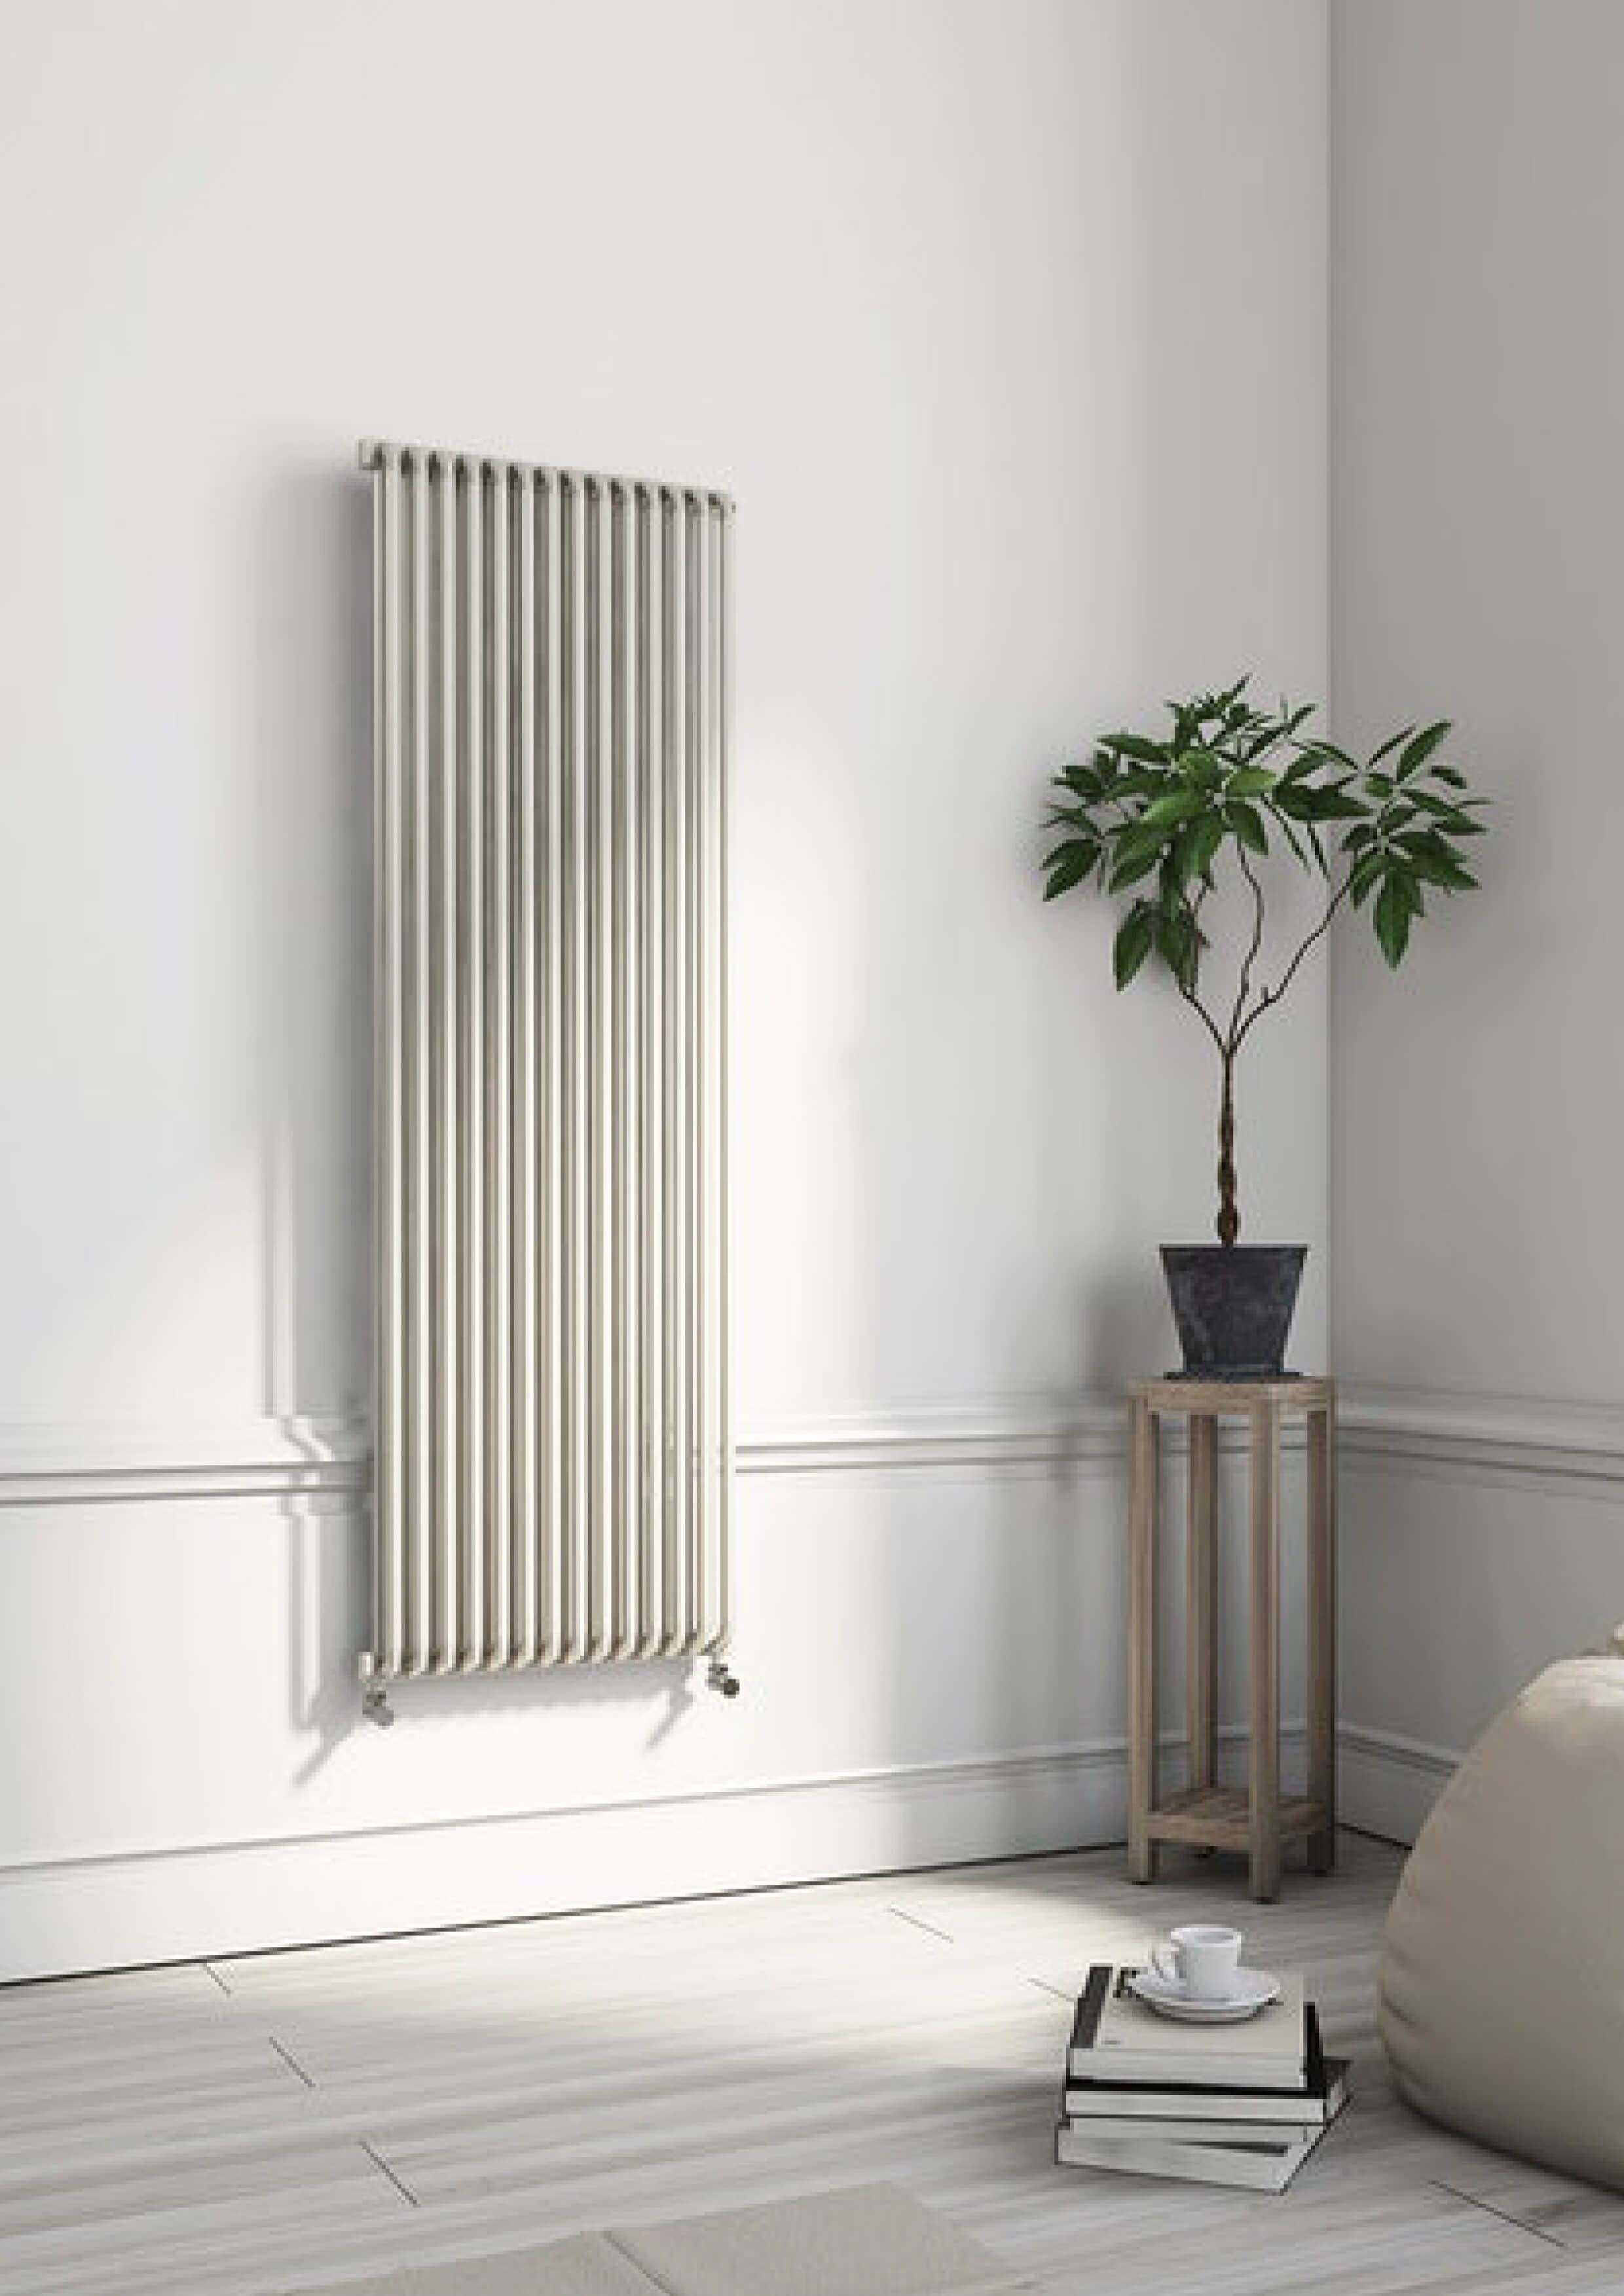 Designer Living Room Radiators: Terma - Delfin V (With Images)